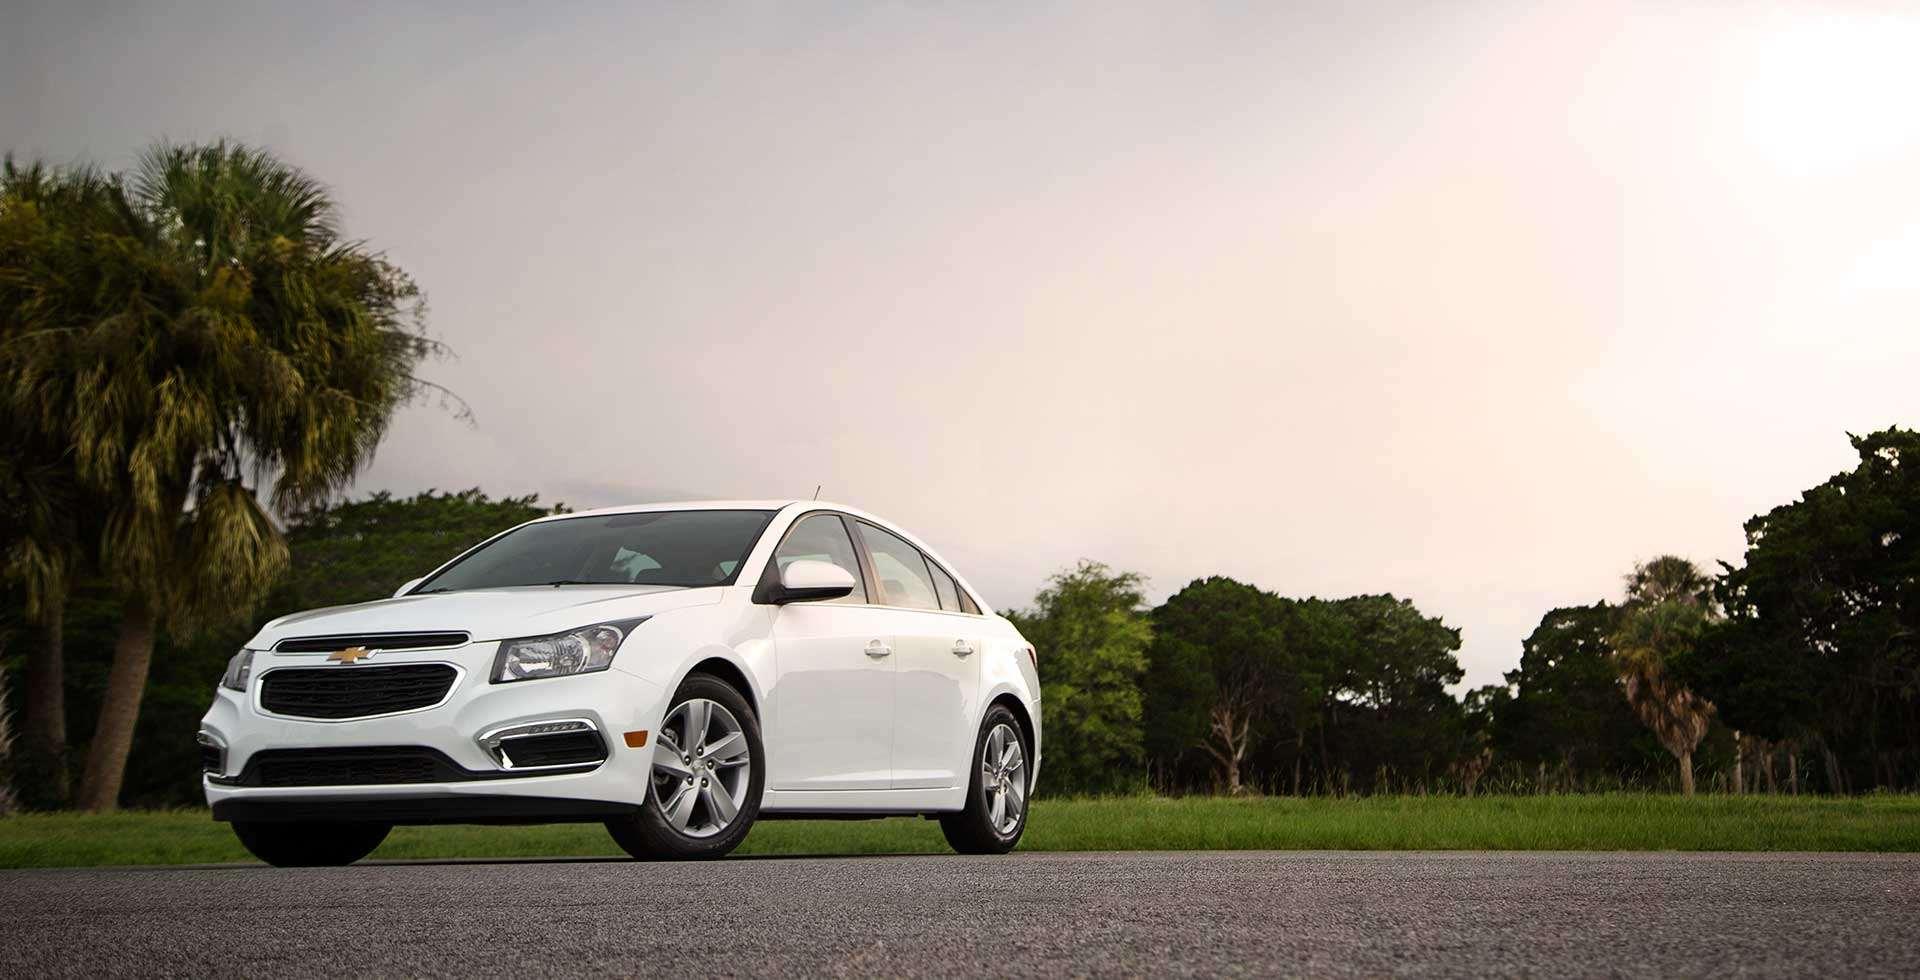 Lockwood Motors Marshall Mn >> Lockwood Motors | Serving Marshall MN since 1955! | New Cars & Service